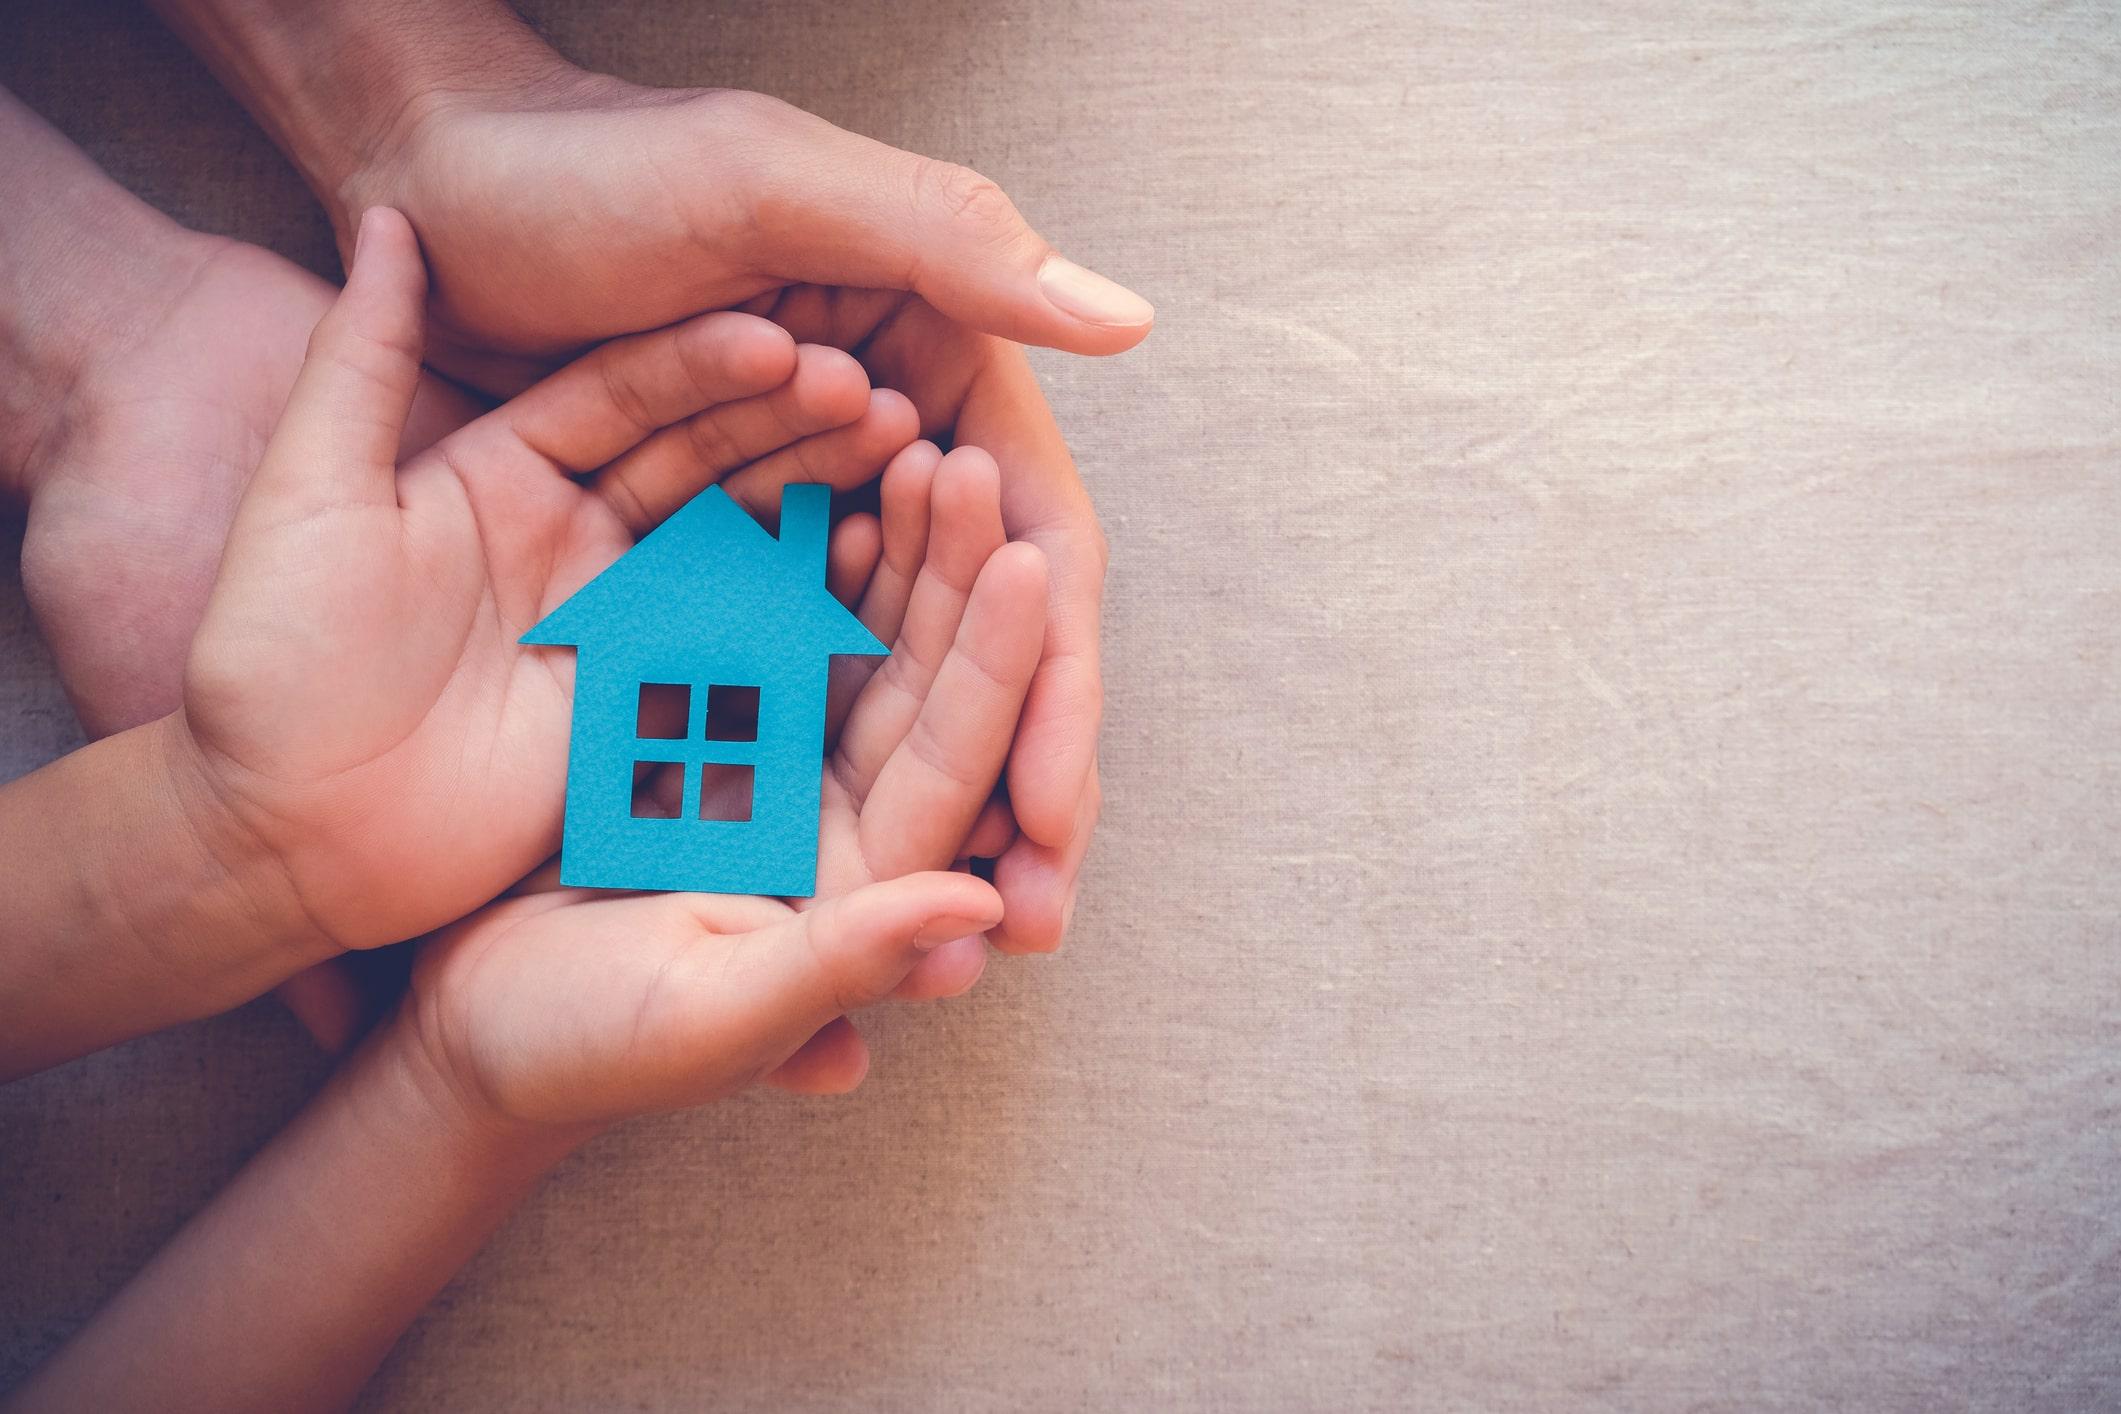 Image temporaire - assurance habitation